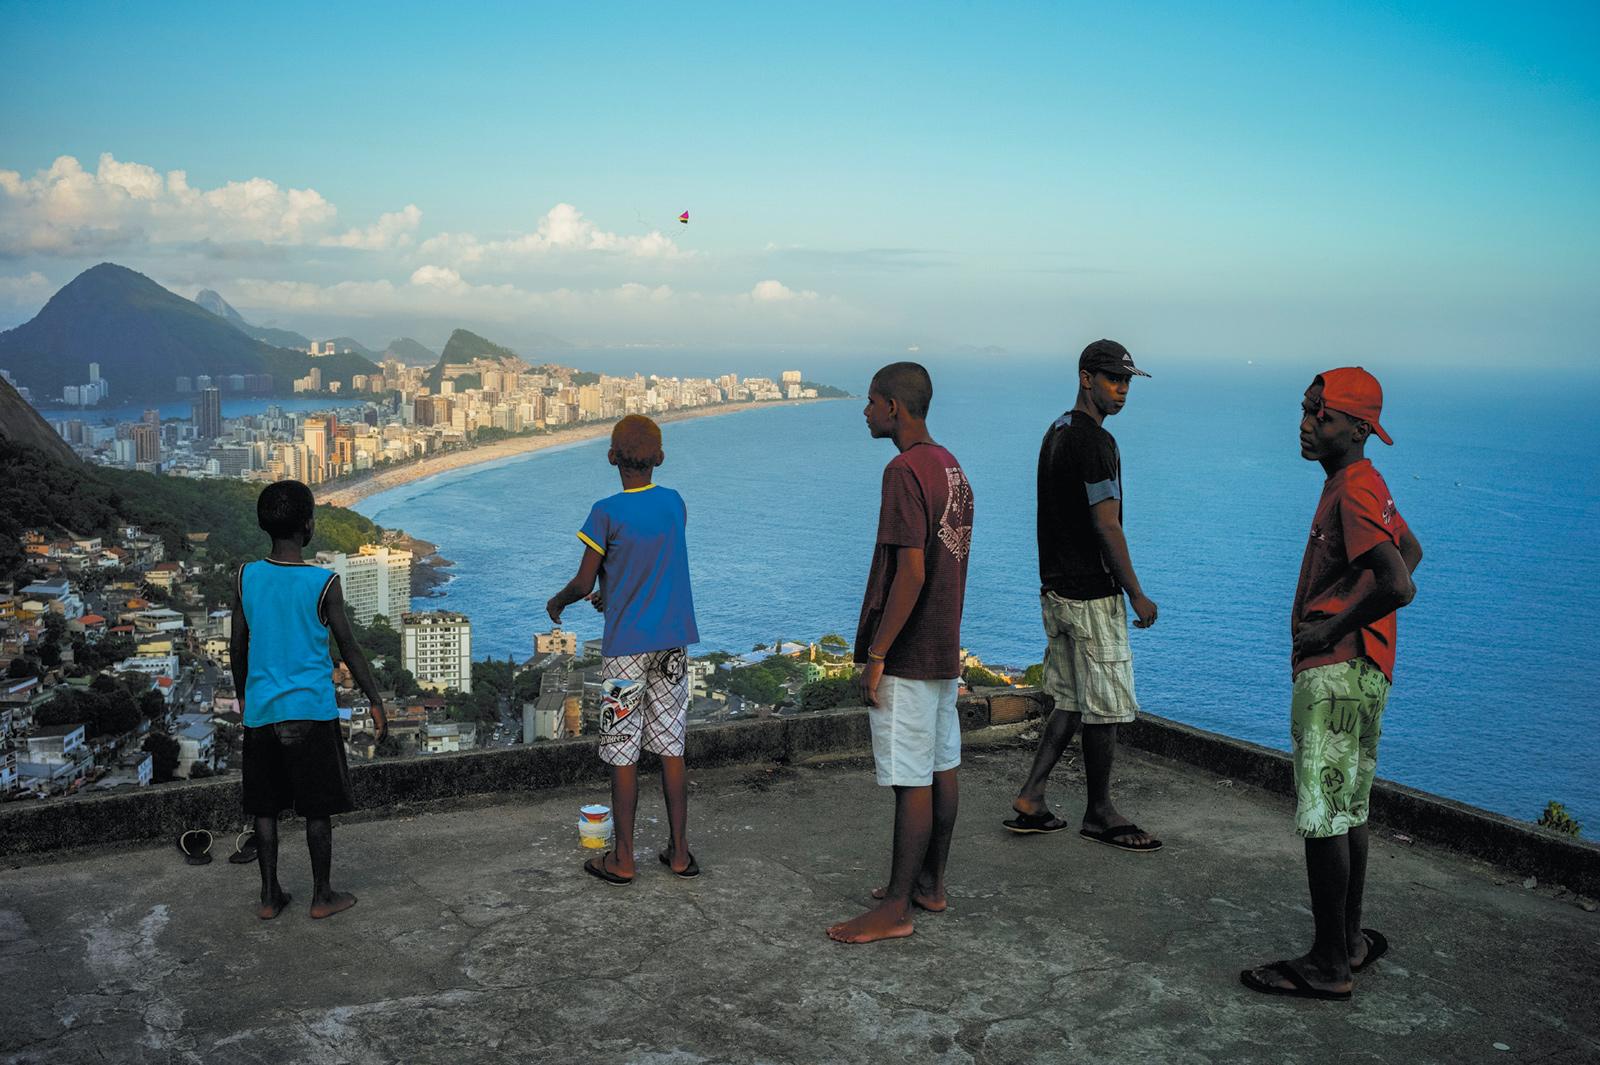 Young men at the top of the Vidigal favela, Rio de Janeiro, 2010